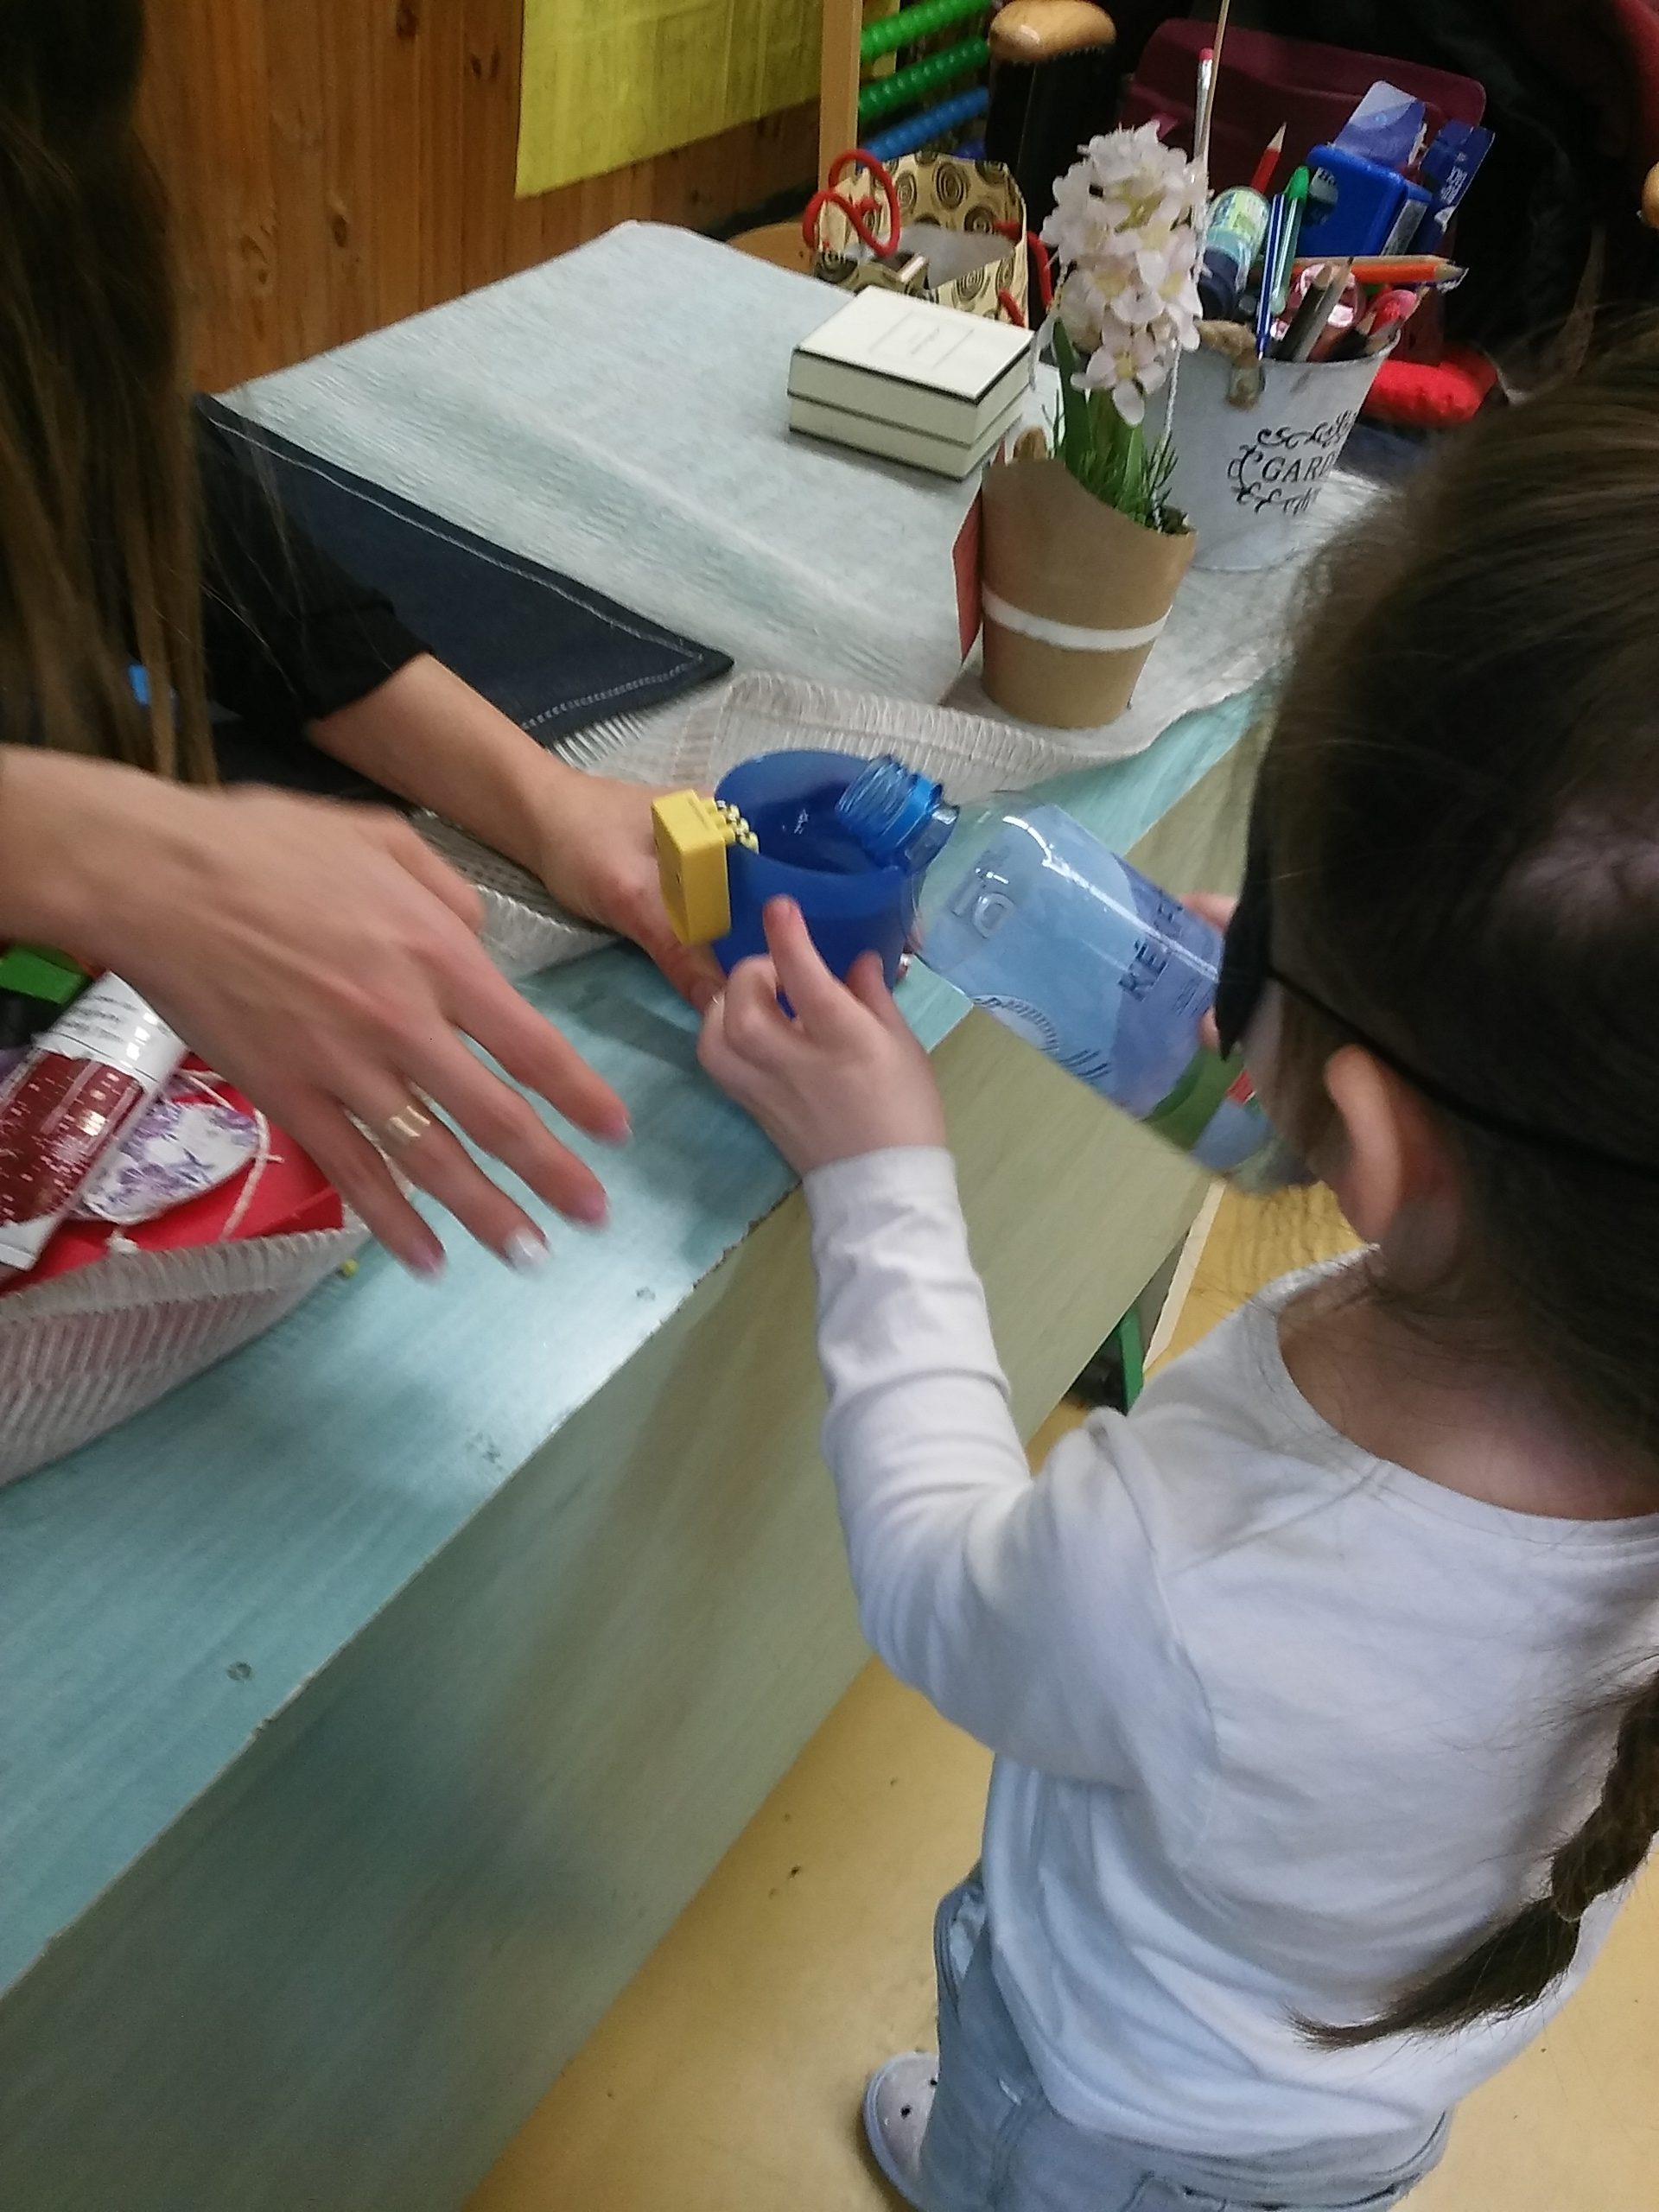 Egy kislány vizet tölt egy pohárba.